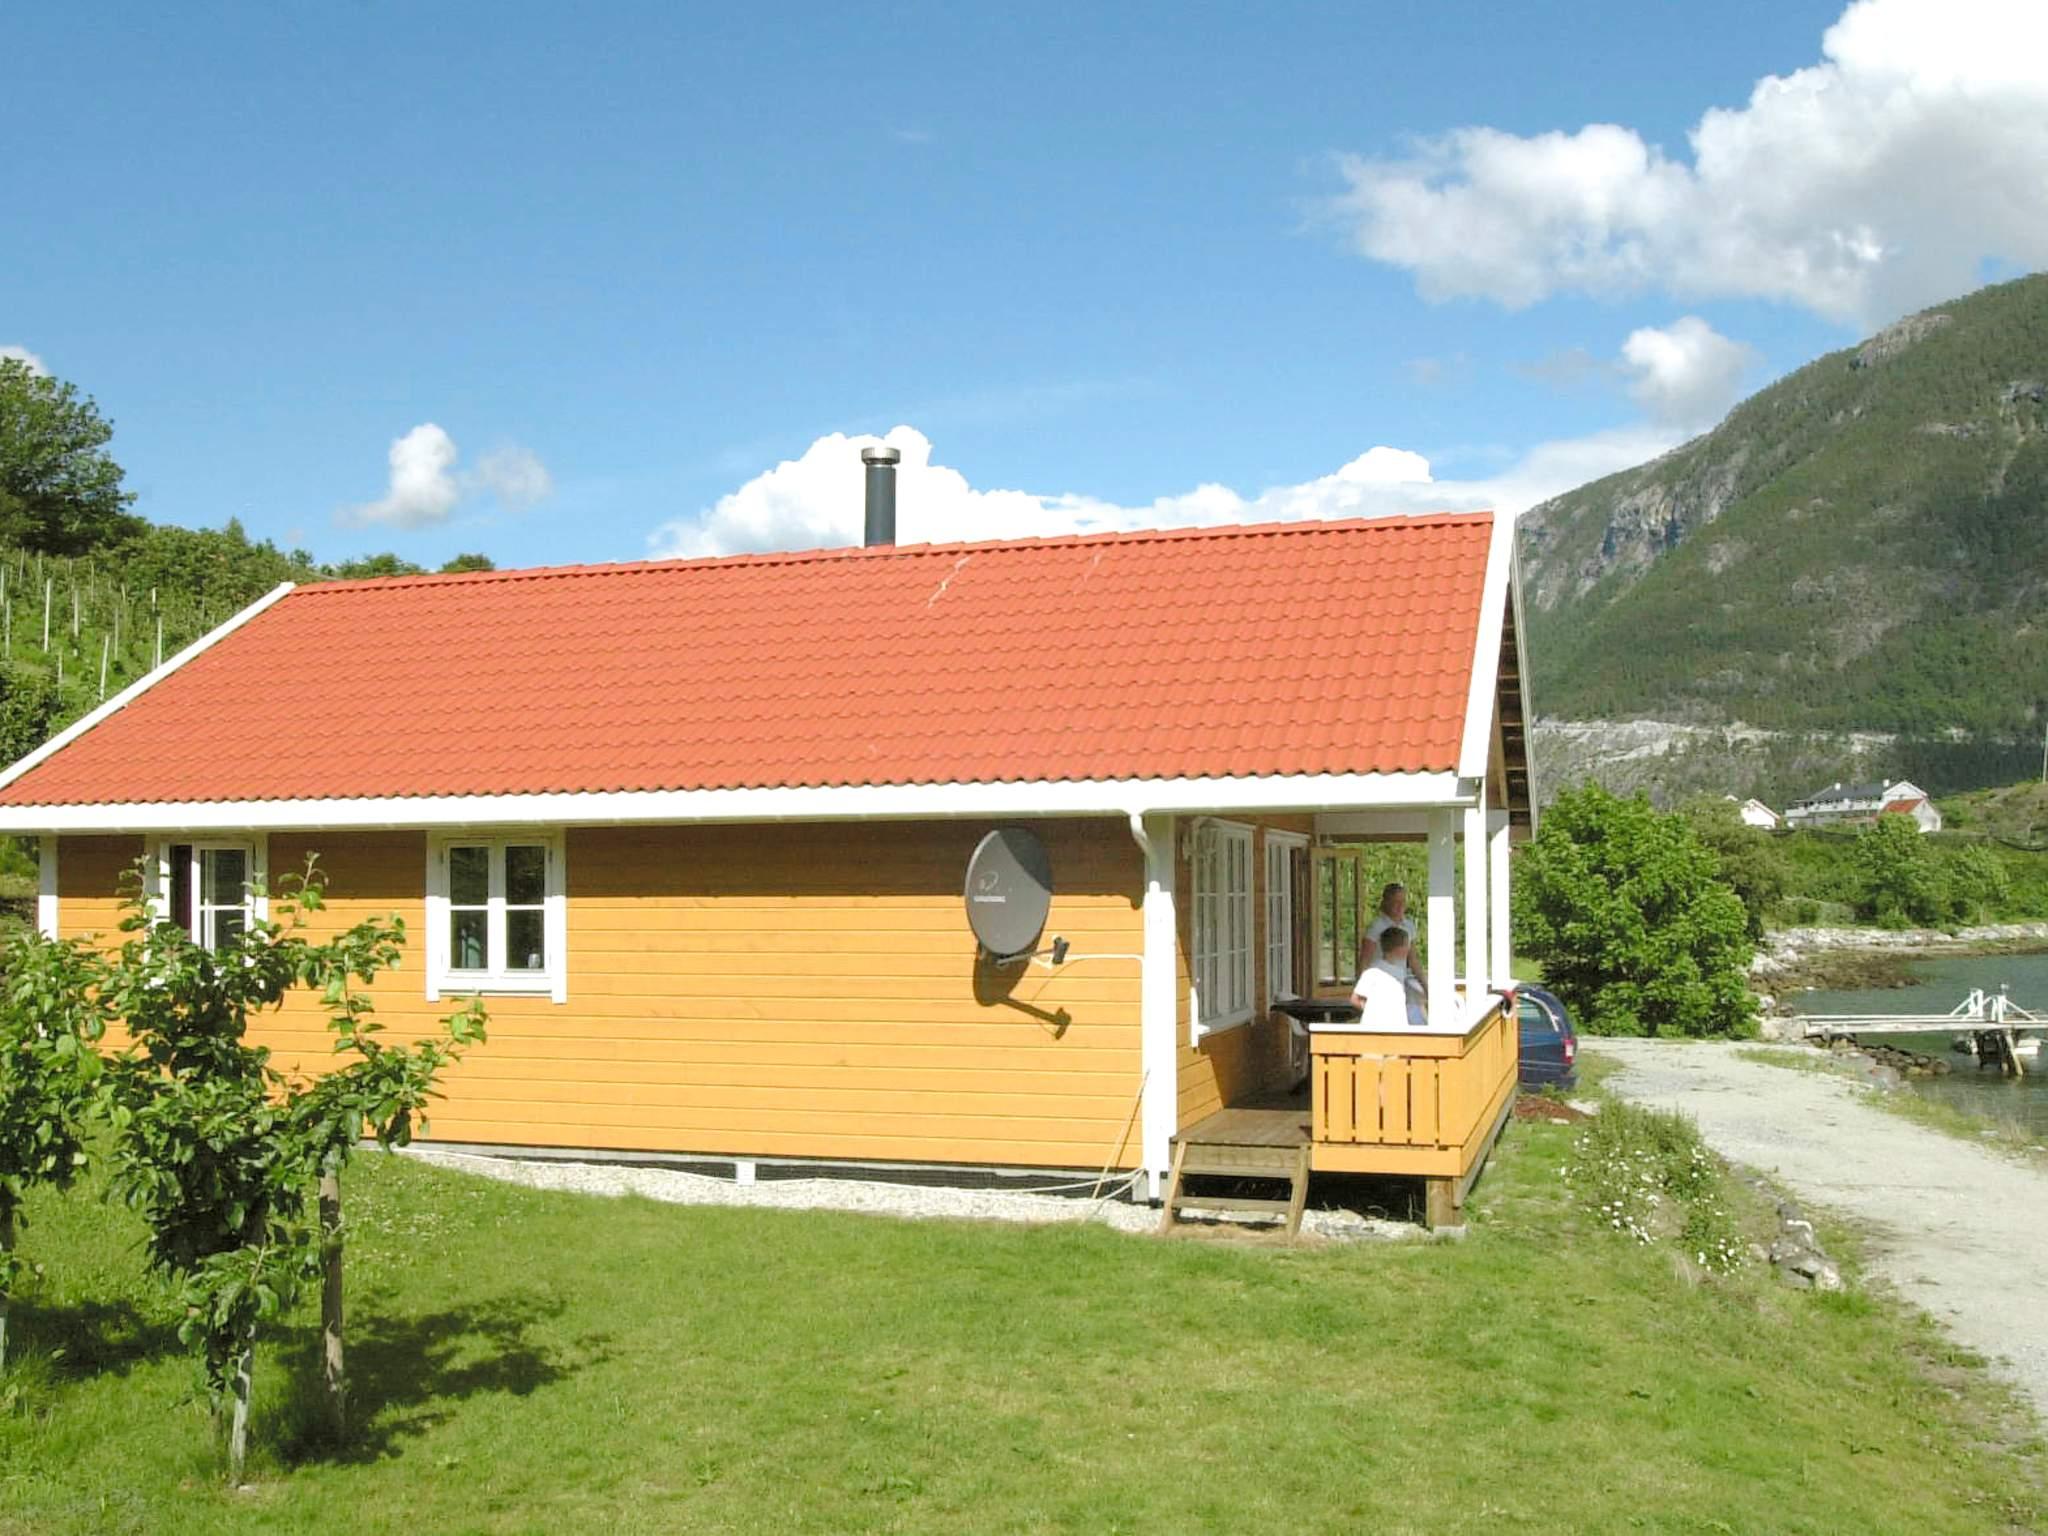 Ferienhaus Slinde (82396), Slinde, Sognefjord - Nordfjord, Westnorwegen, Norwegen, Bild 25